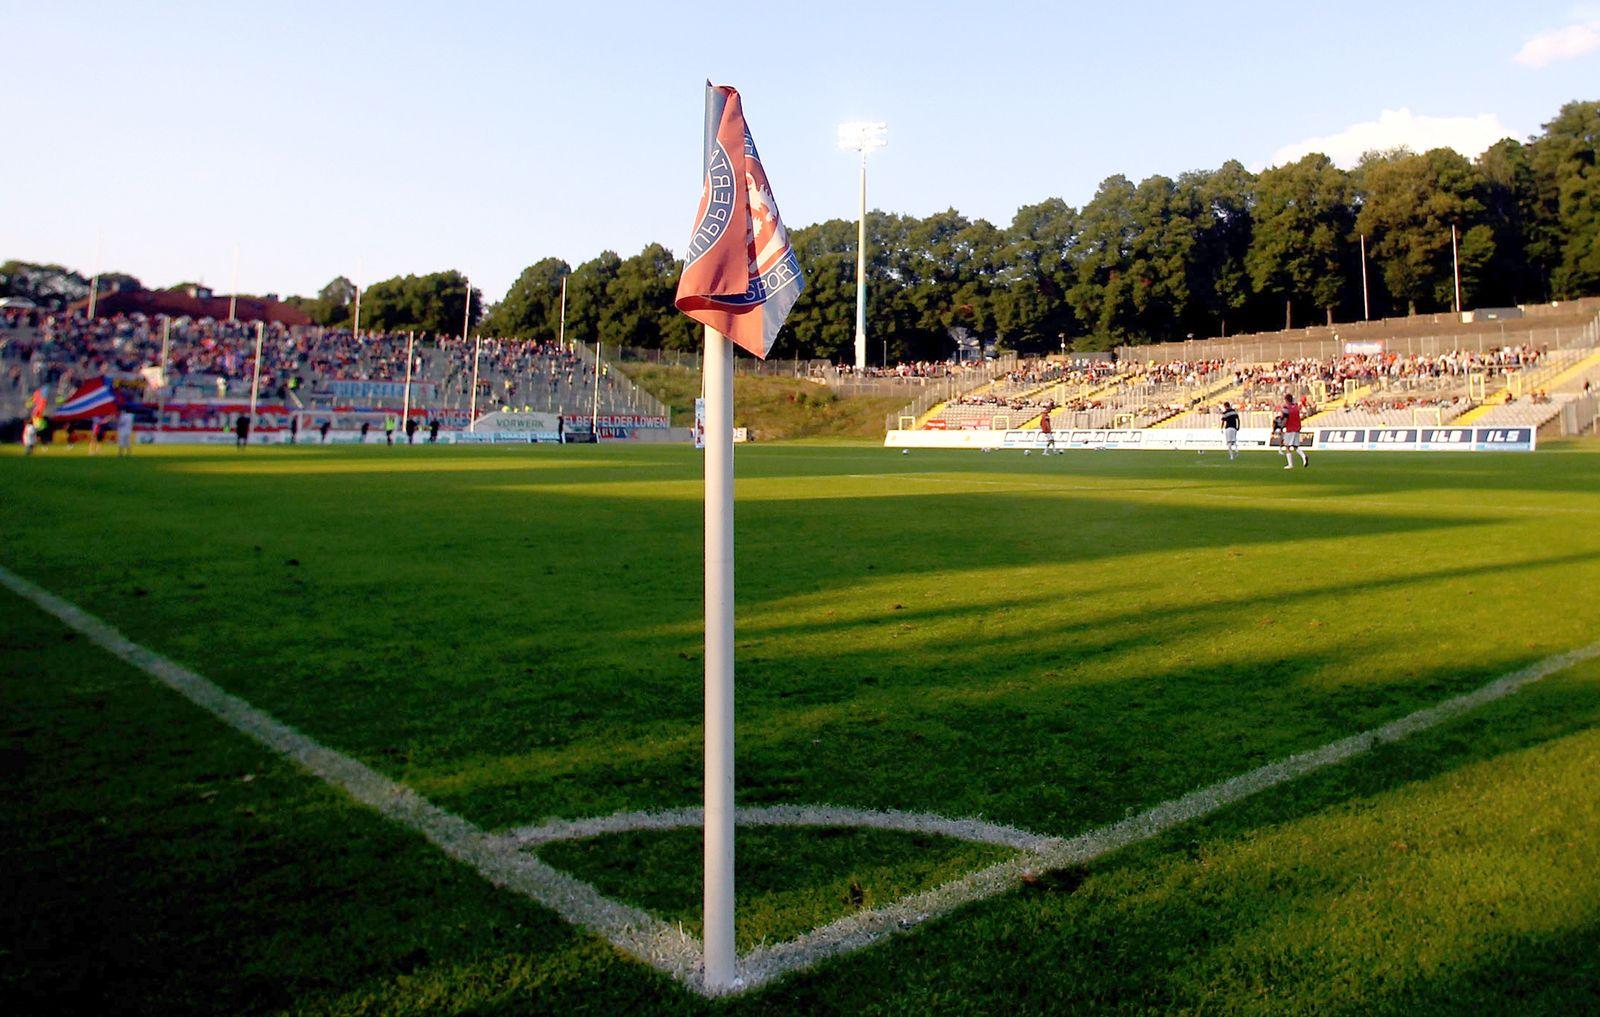 Stadion Regionalliga